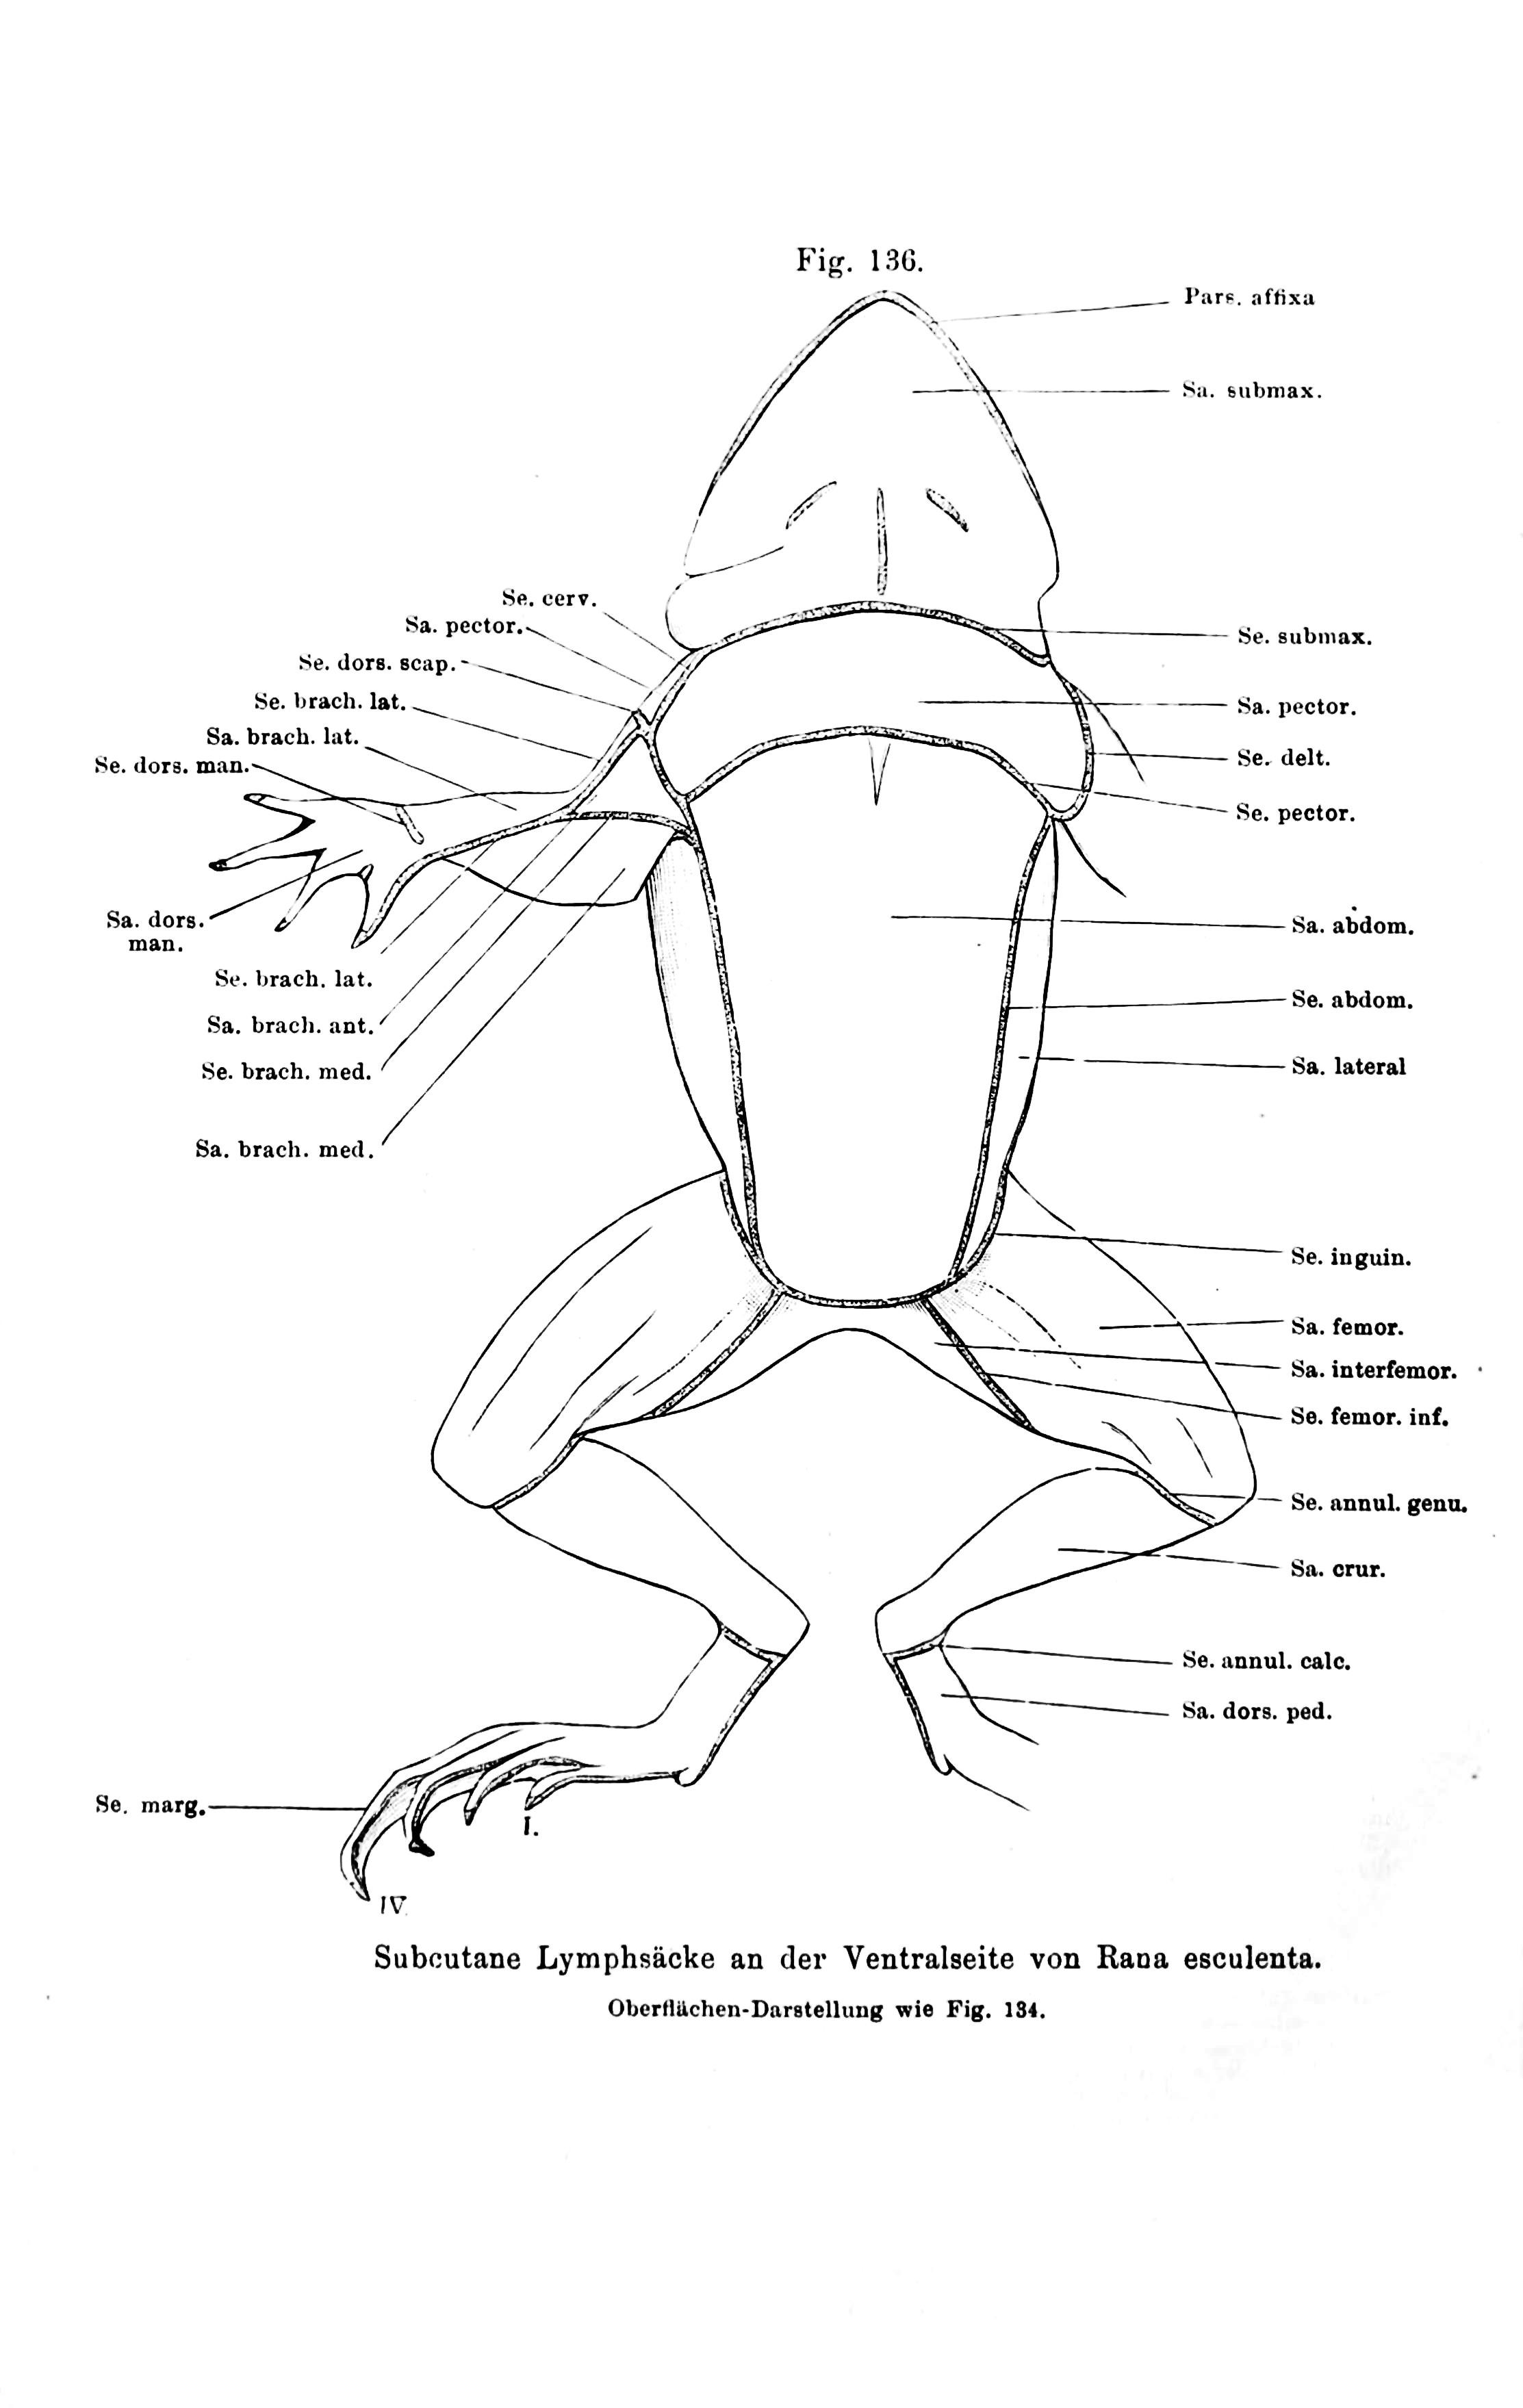 Ausgezeichnet Katzenaugen Anatomie Ideen - Anatomie Ideen - finotti.info